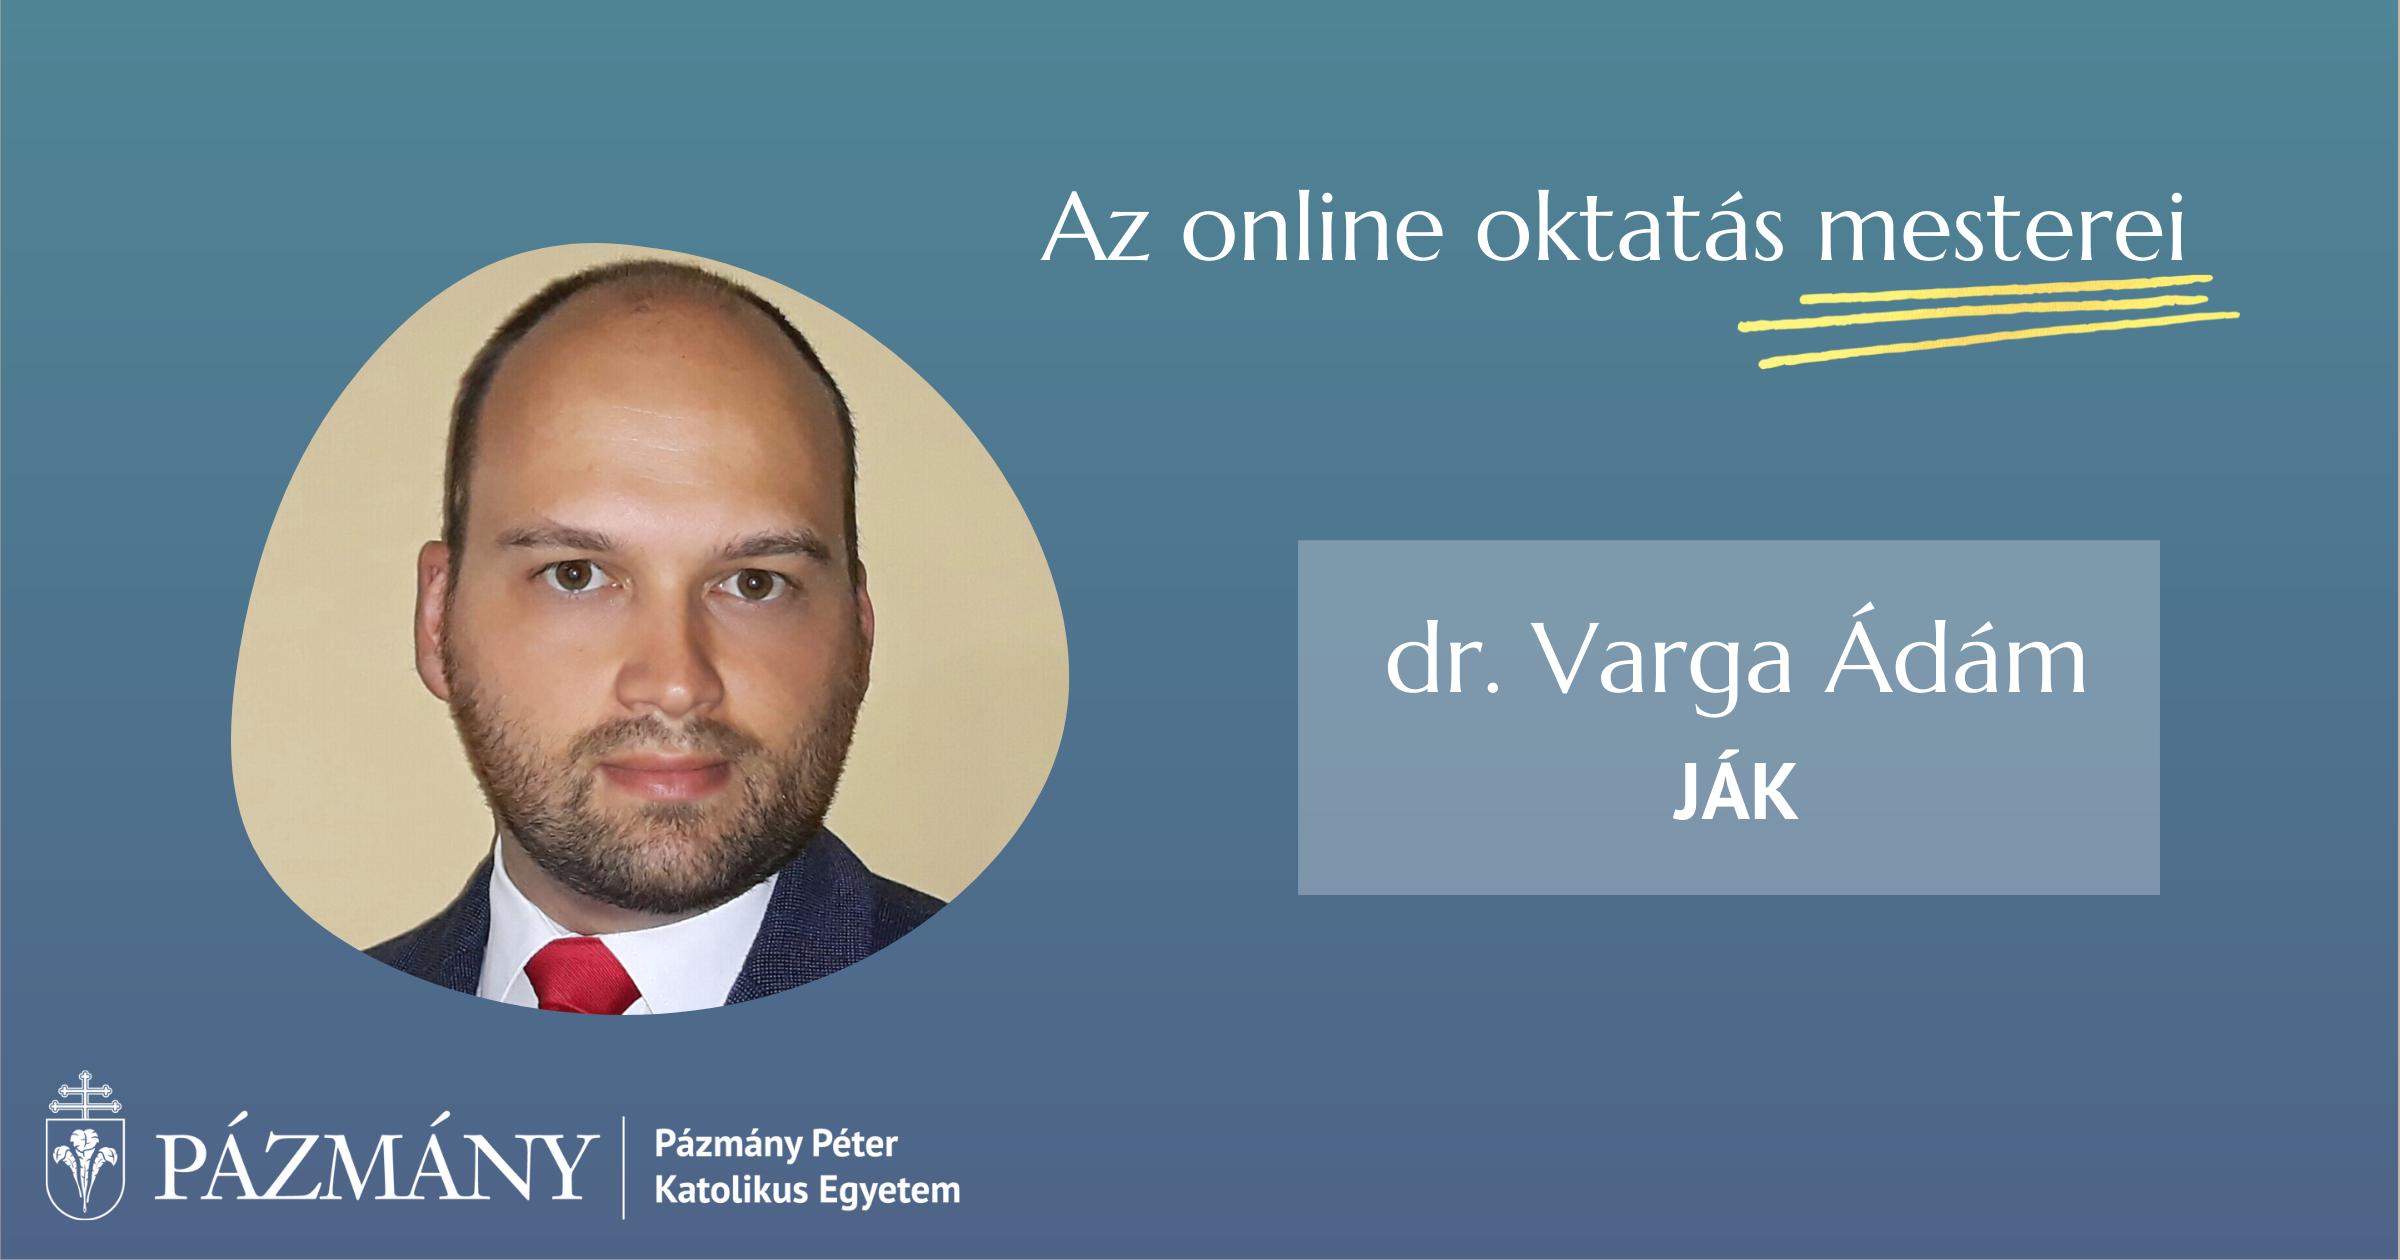 Az online oktatás mesterei: interjú Varga Ádámmal